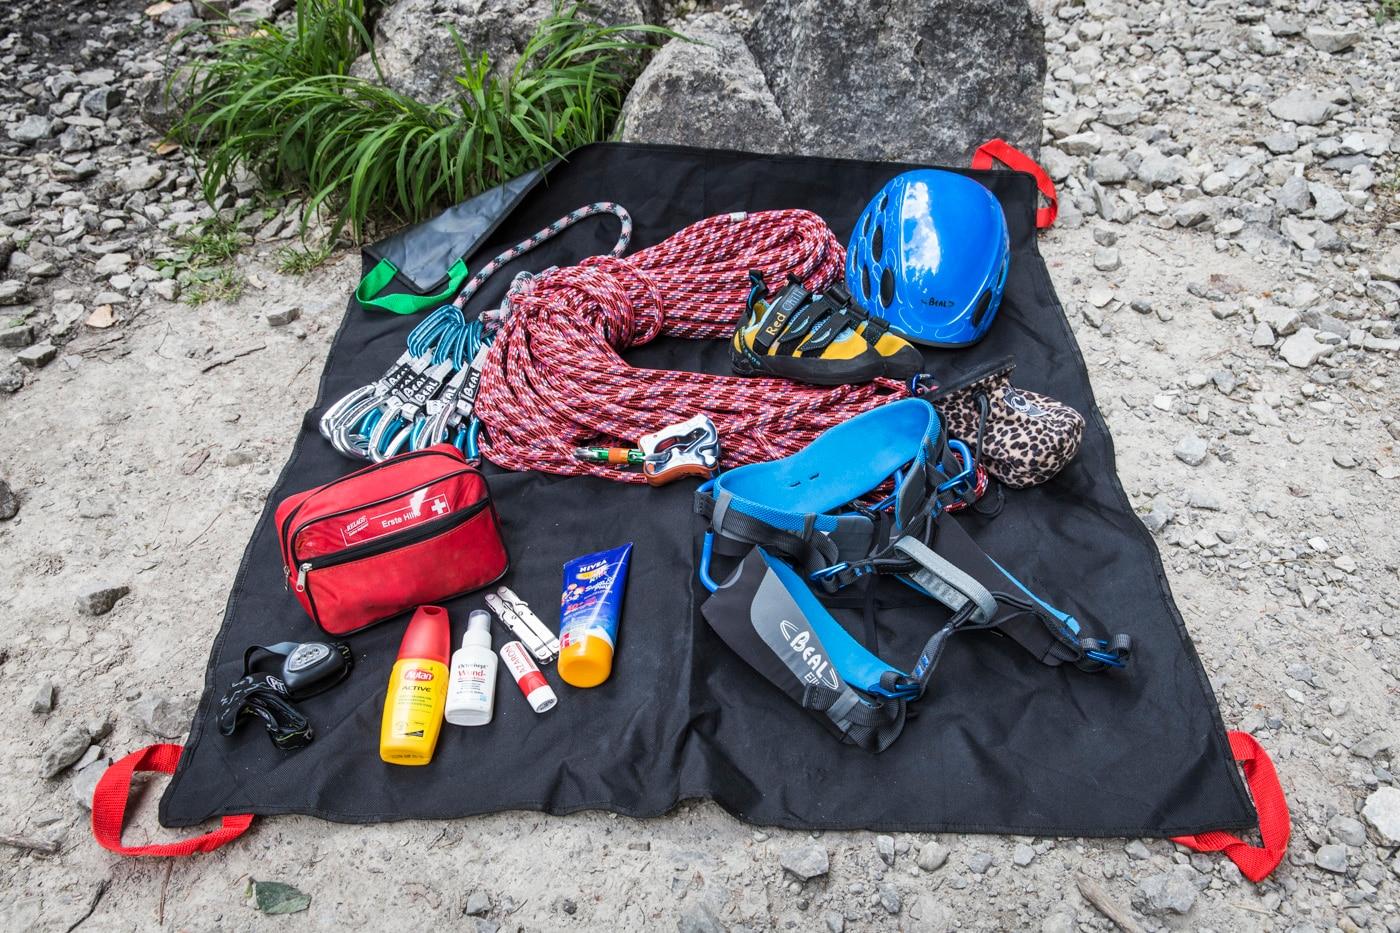 Kletterausrüstung Set Kinder : Klettern mit kindern die richtige ausrüstung bergwelten